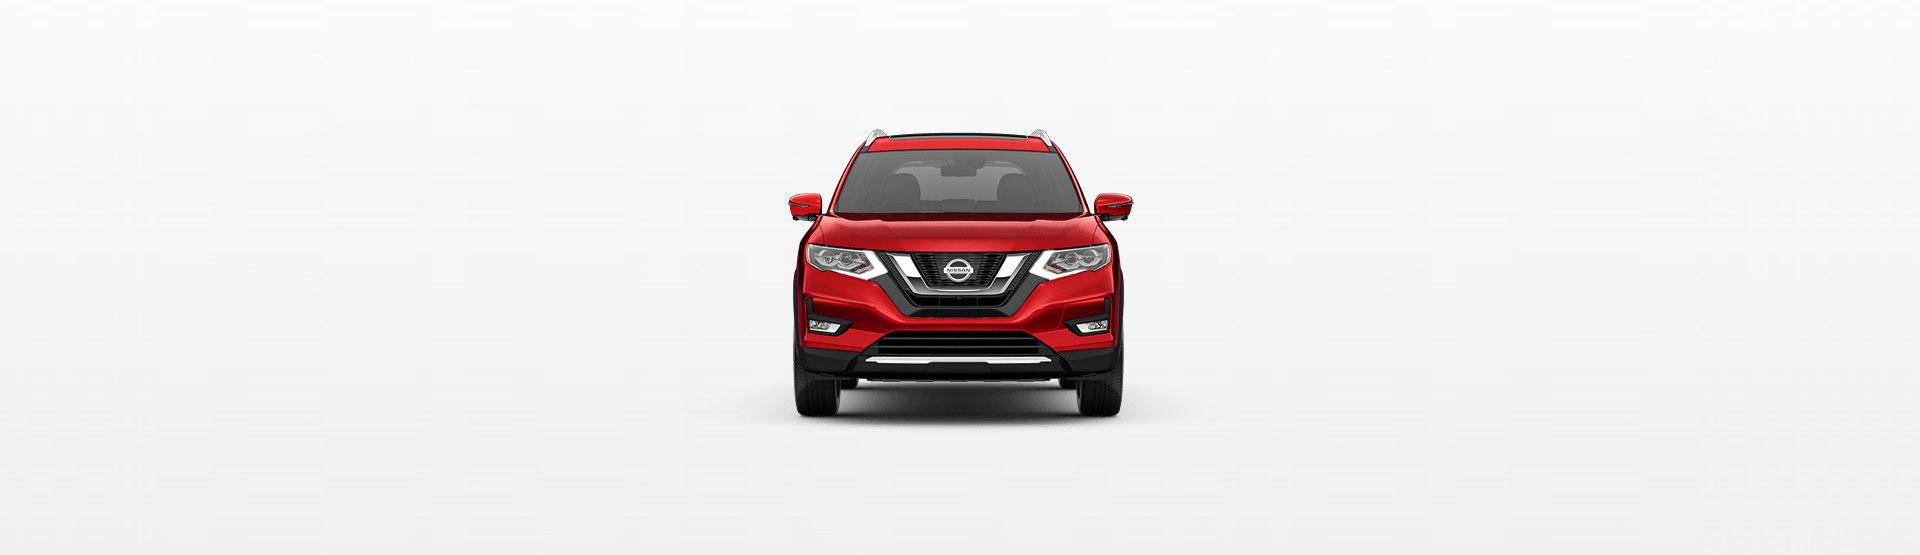 Cricks Nambour Nissan